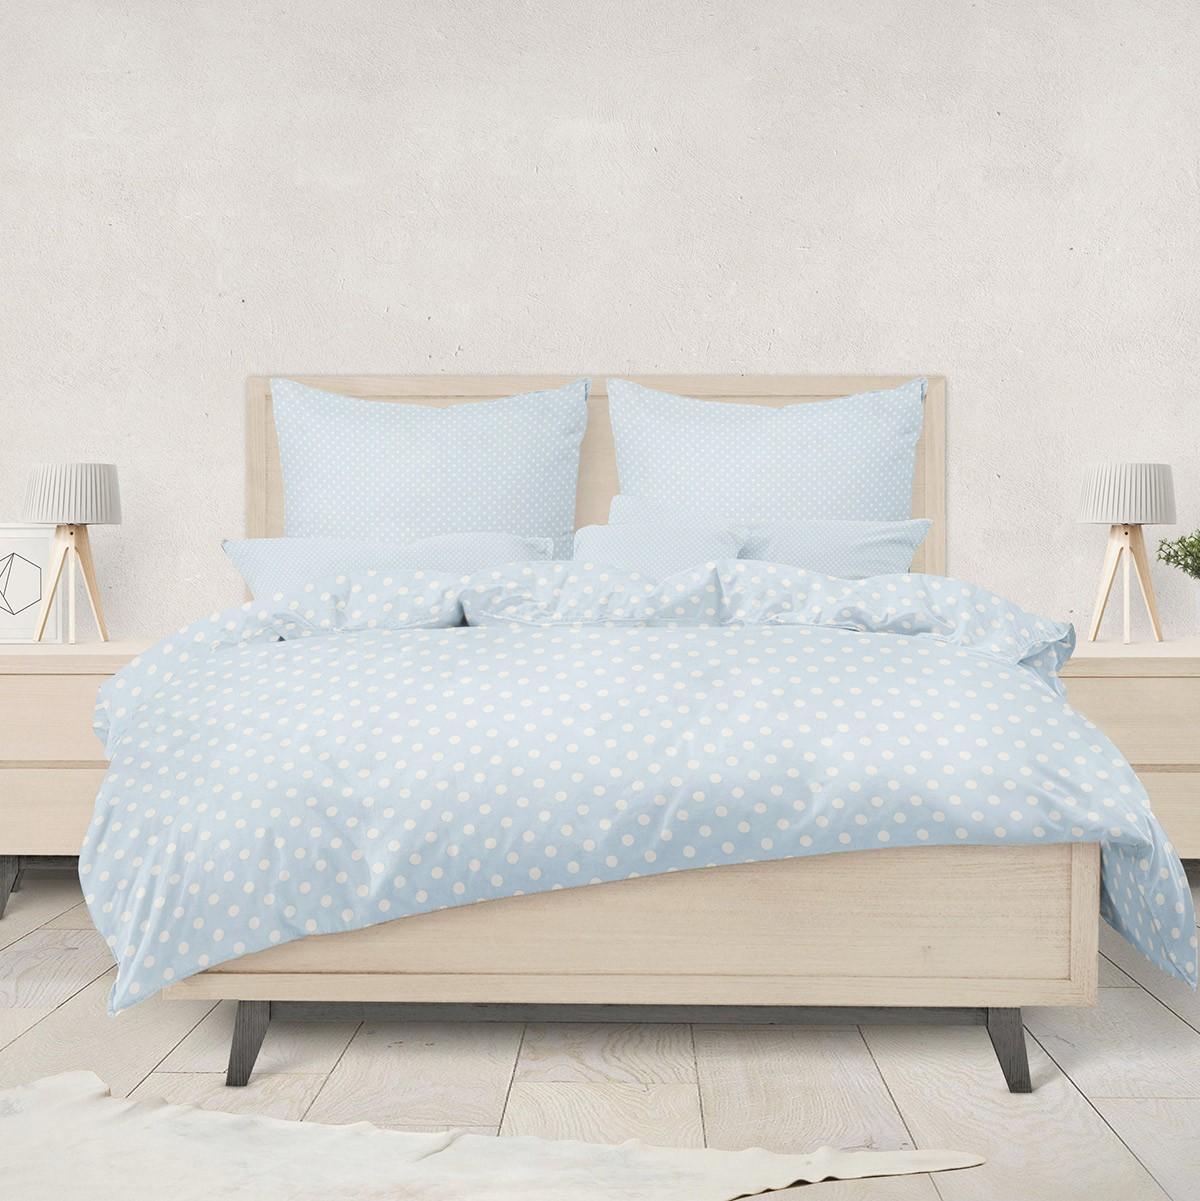 Ζεύγος Φανελένιες Μαξιλαροθήκες Melinen PolkaDot L.Blue 74989